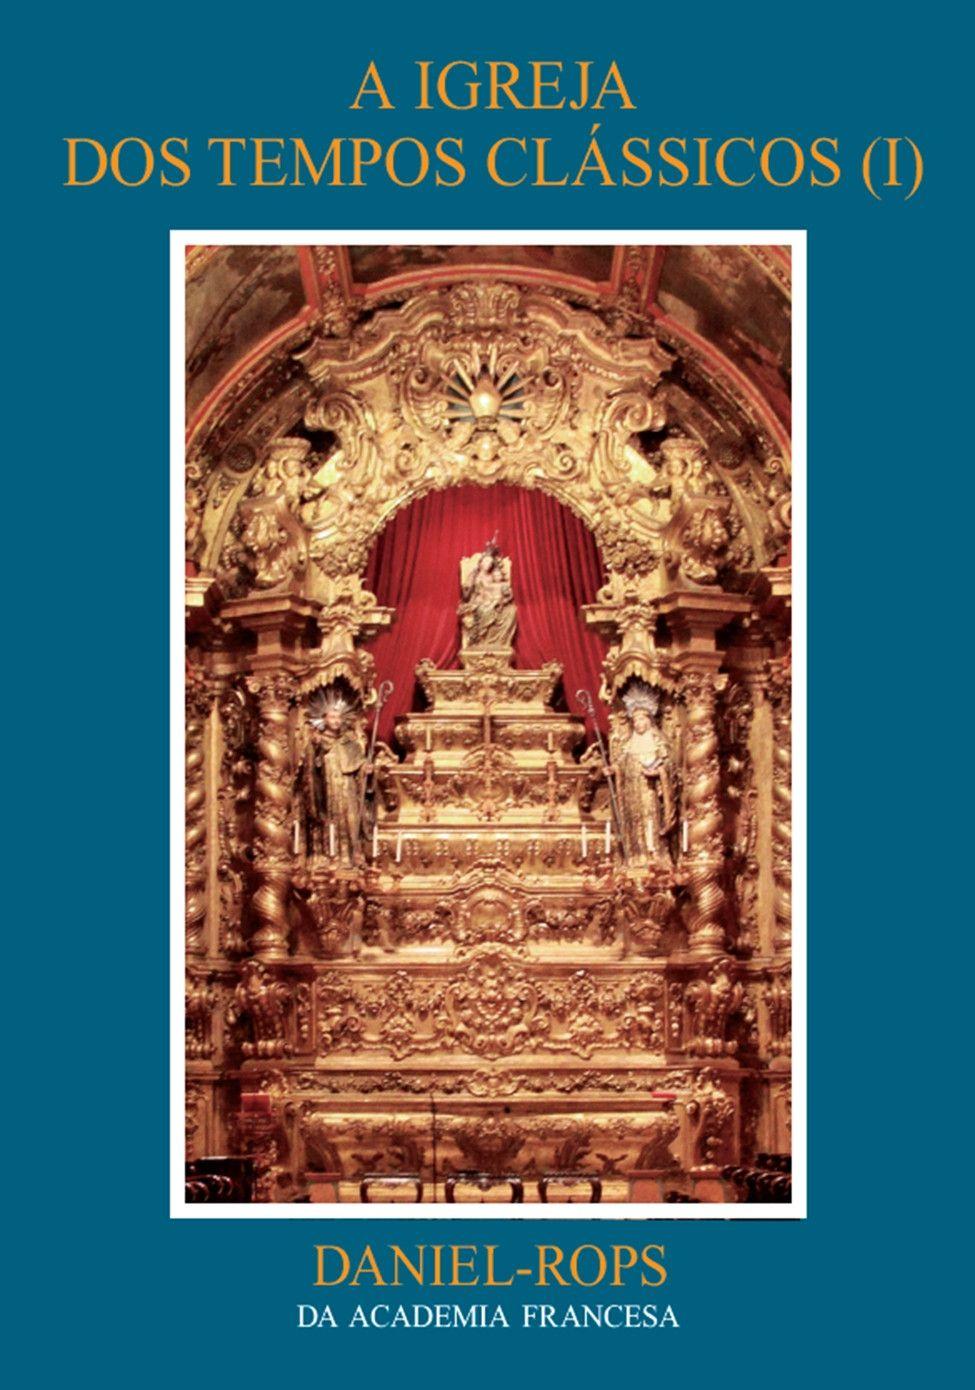 A Igreja dos tempos clássicos (I) - Volume VI